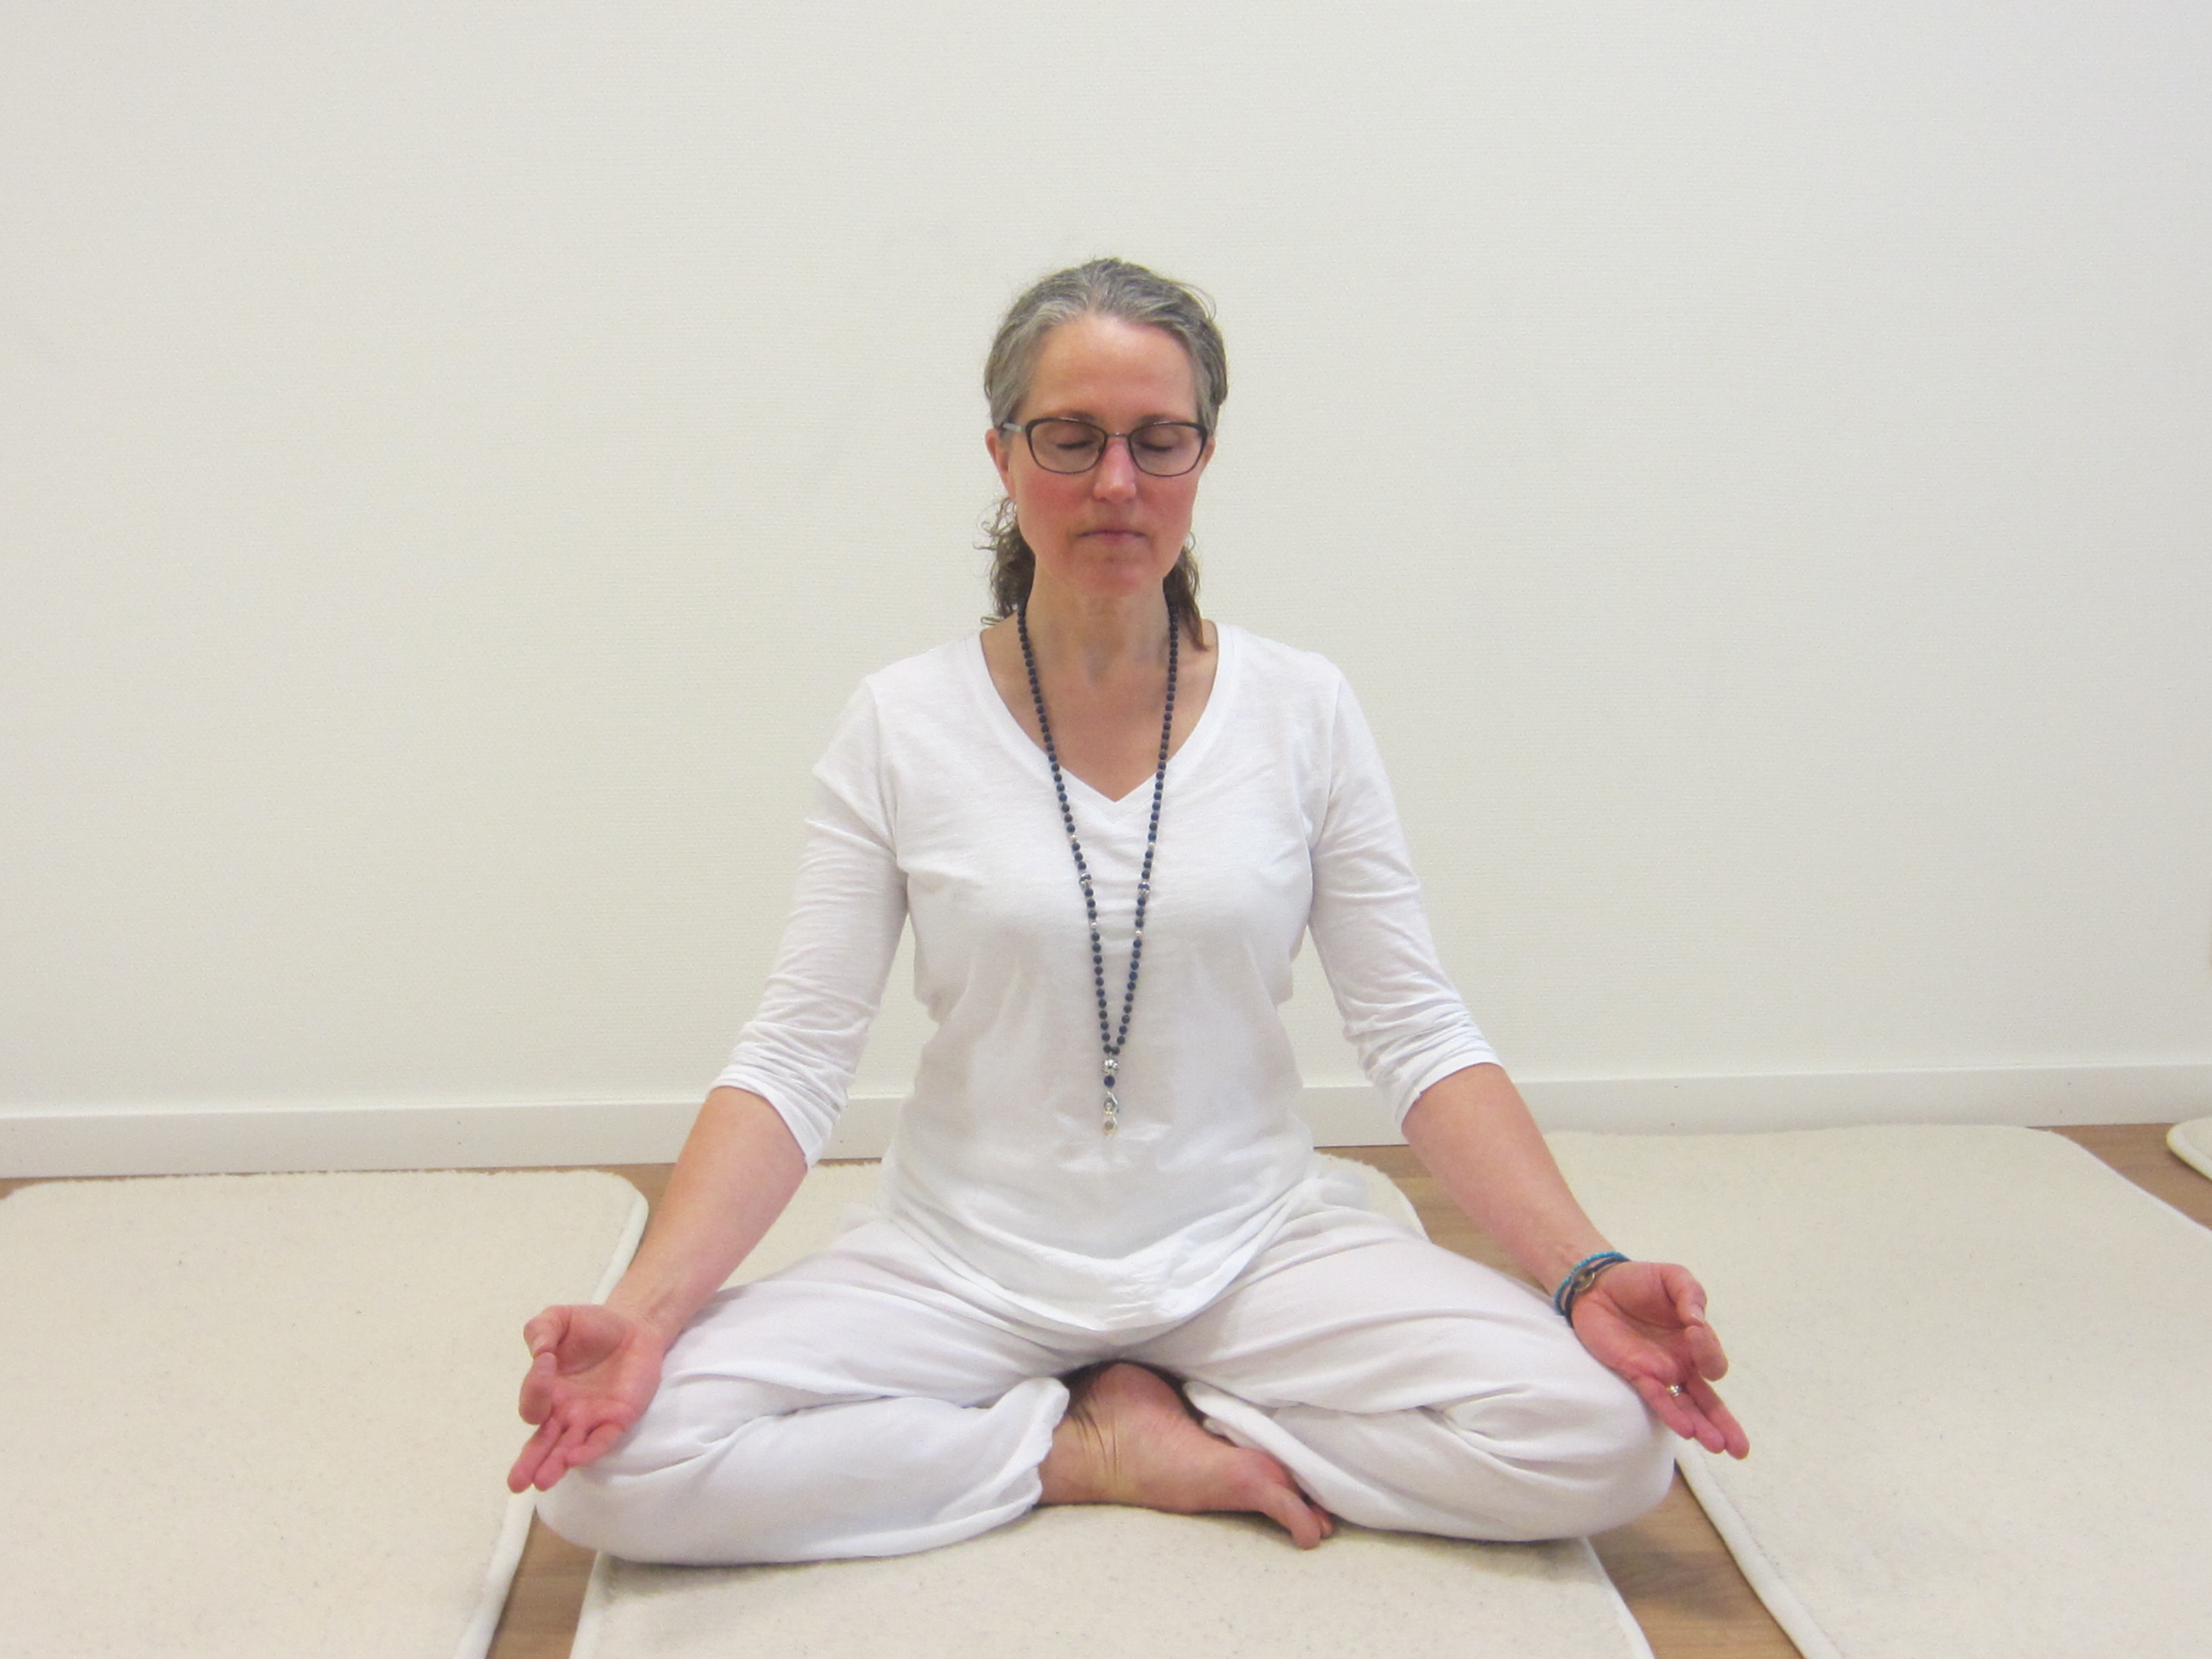 En blond kvinna med glasögon och vit yogadräkt sitter i lotusställning på en madrass